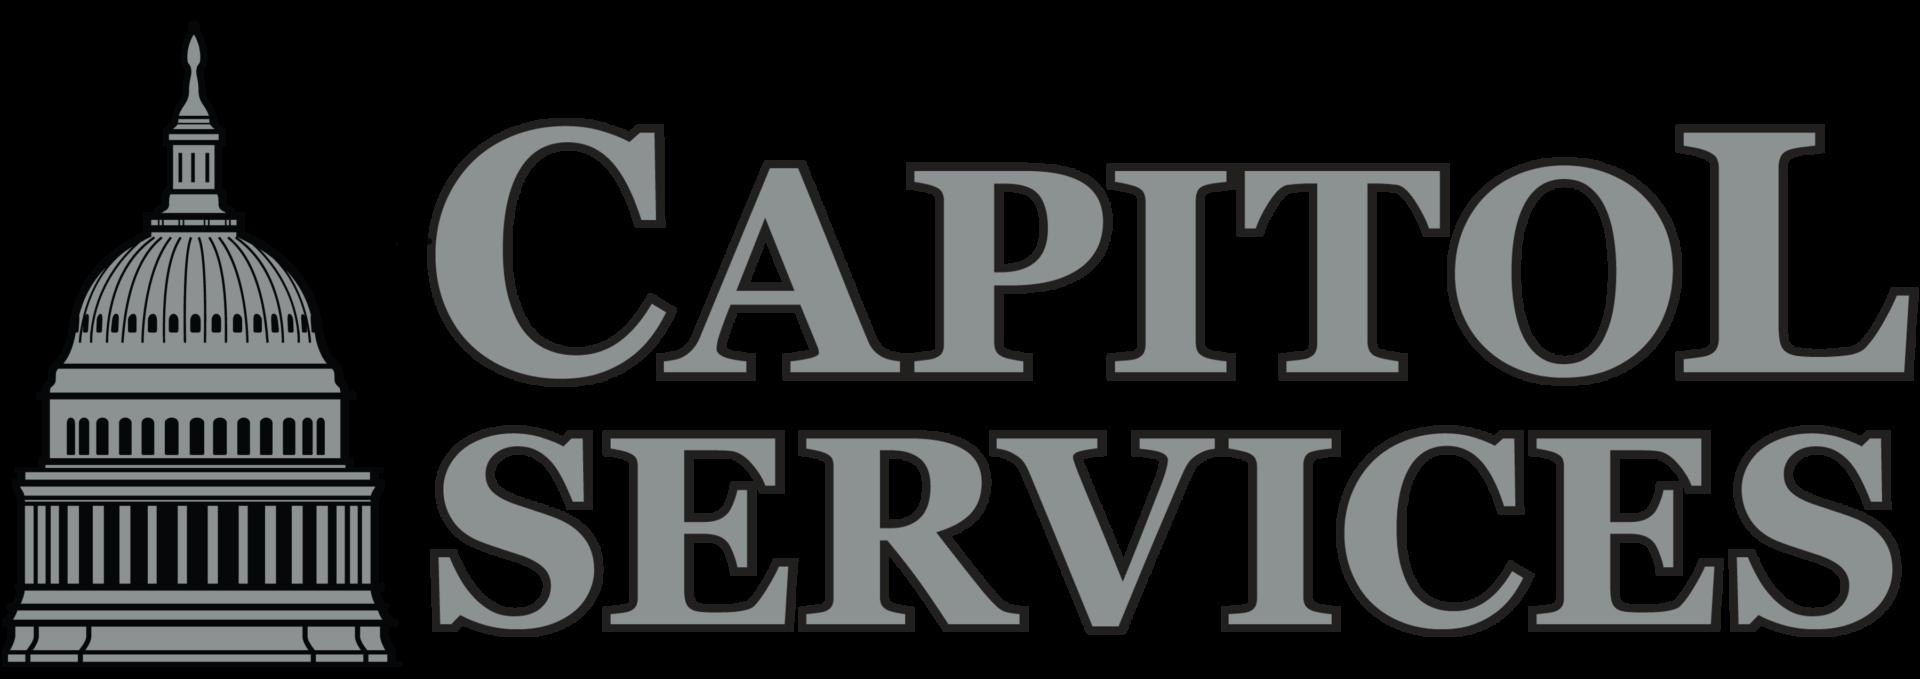 bc8b15c4-0172-417f-a1a8-503ccfc53922CS logo (1) copy